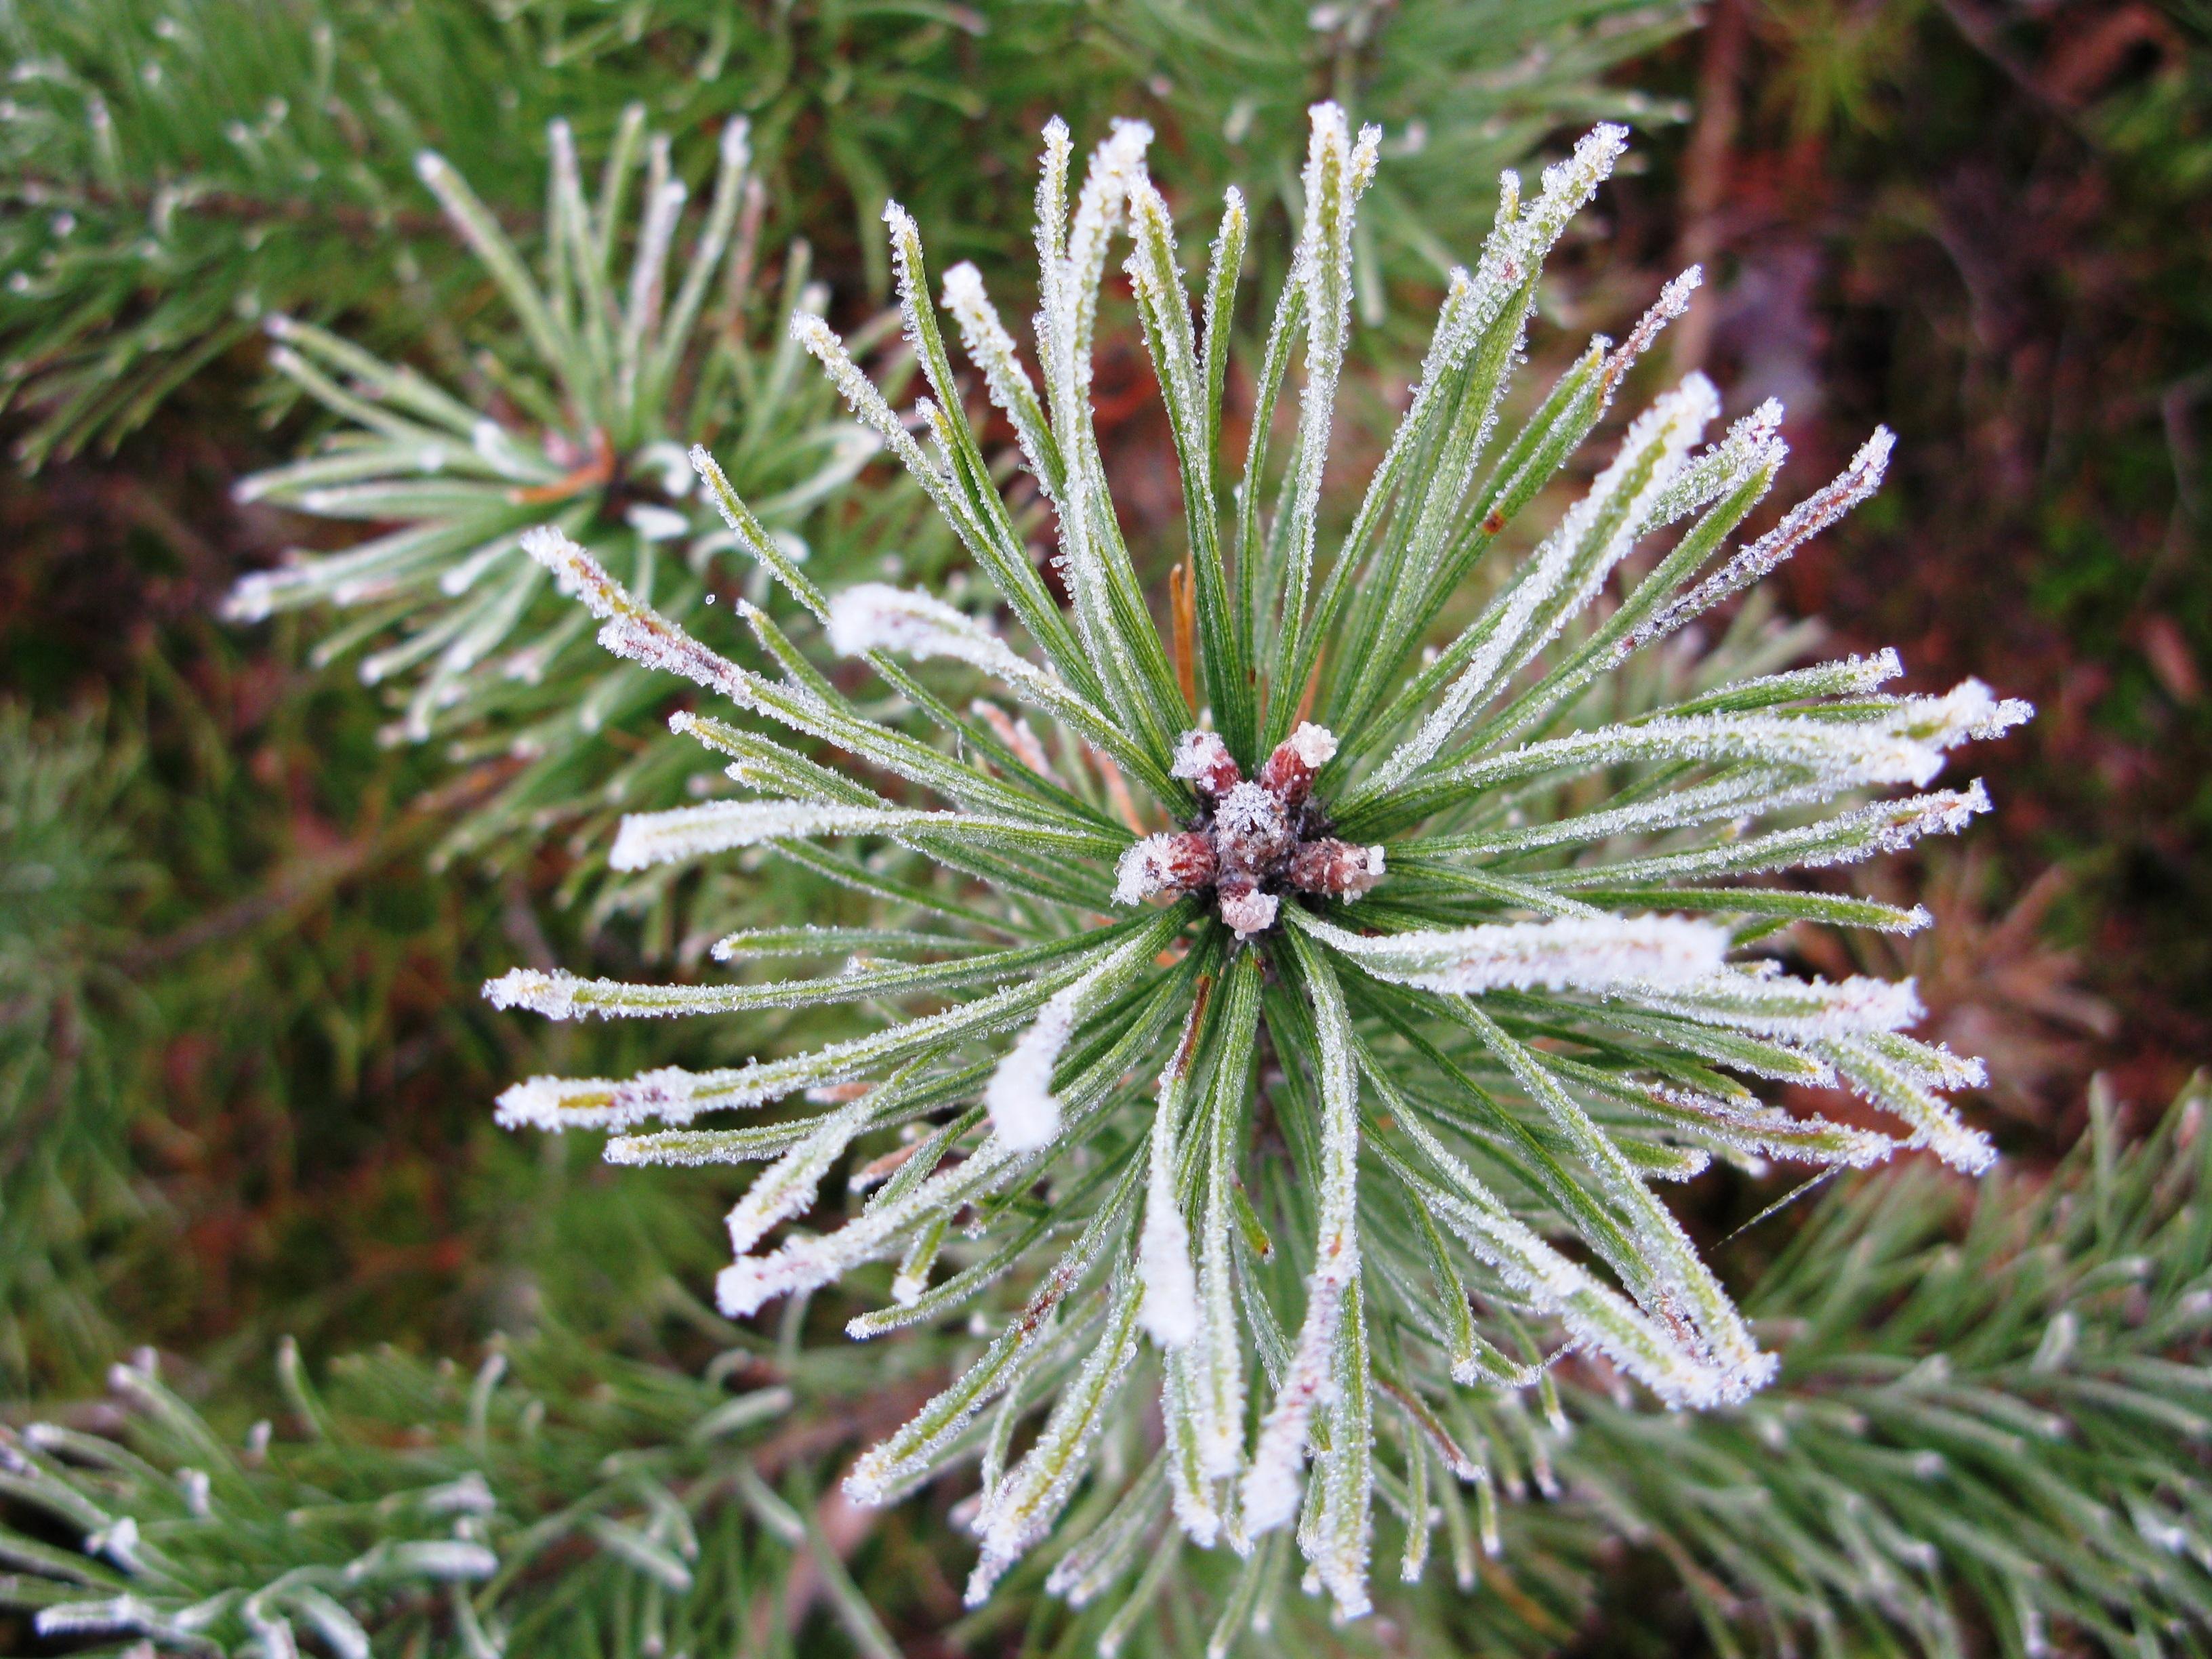 images gratuites arbre branche neige du froid hiver plante blanc feuille fleur gel. Black Bedroom Furniture Sets. Home Design Ideas